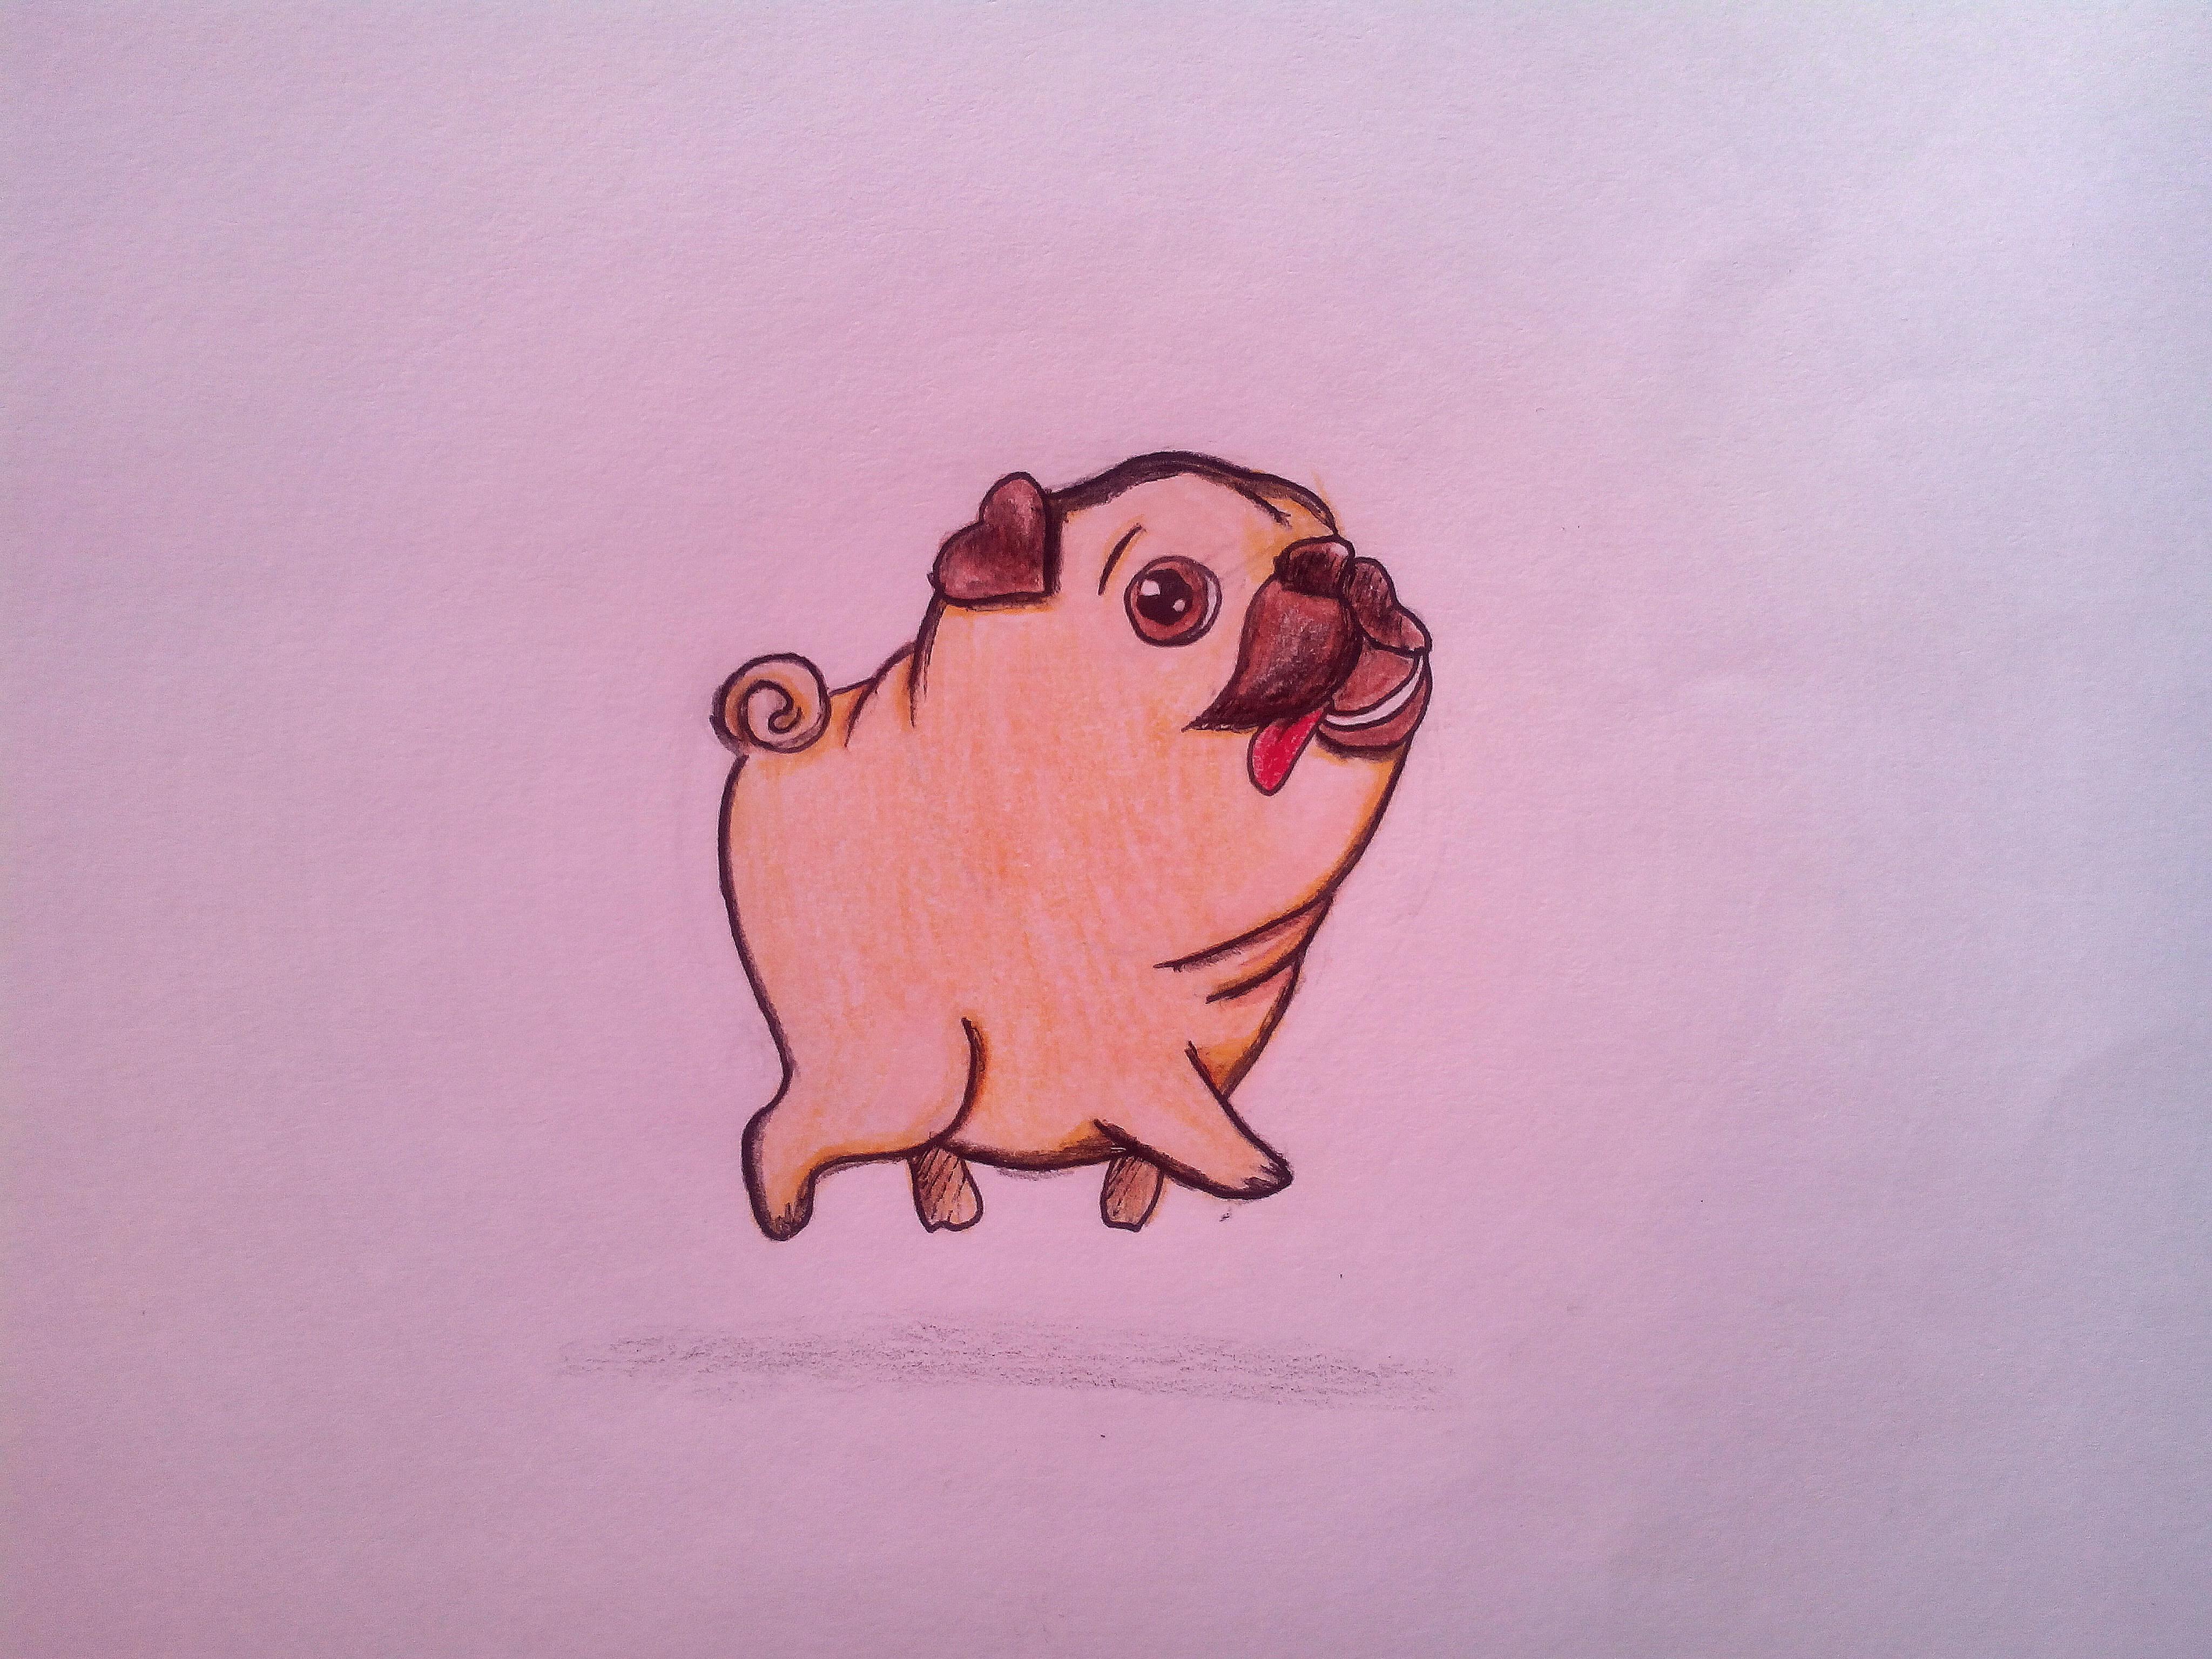 Как нарисовать мопса карандашом поэтапно